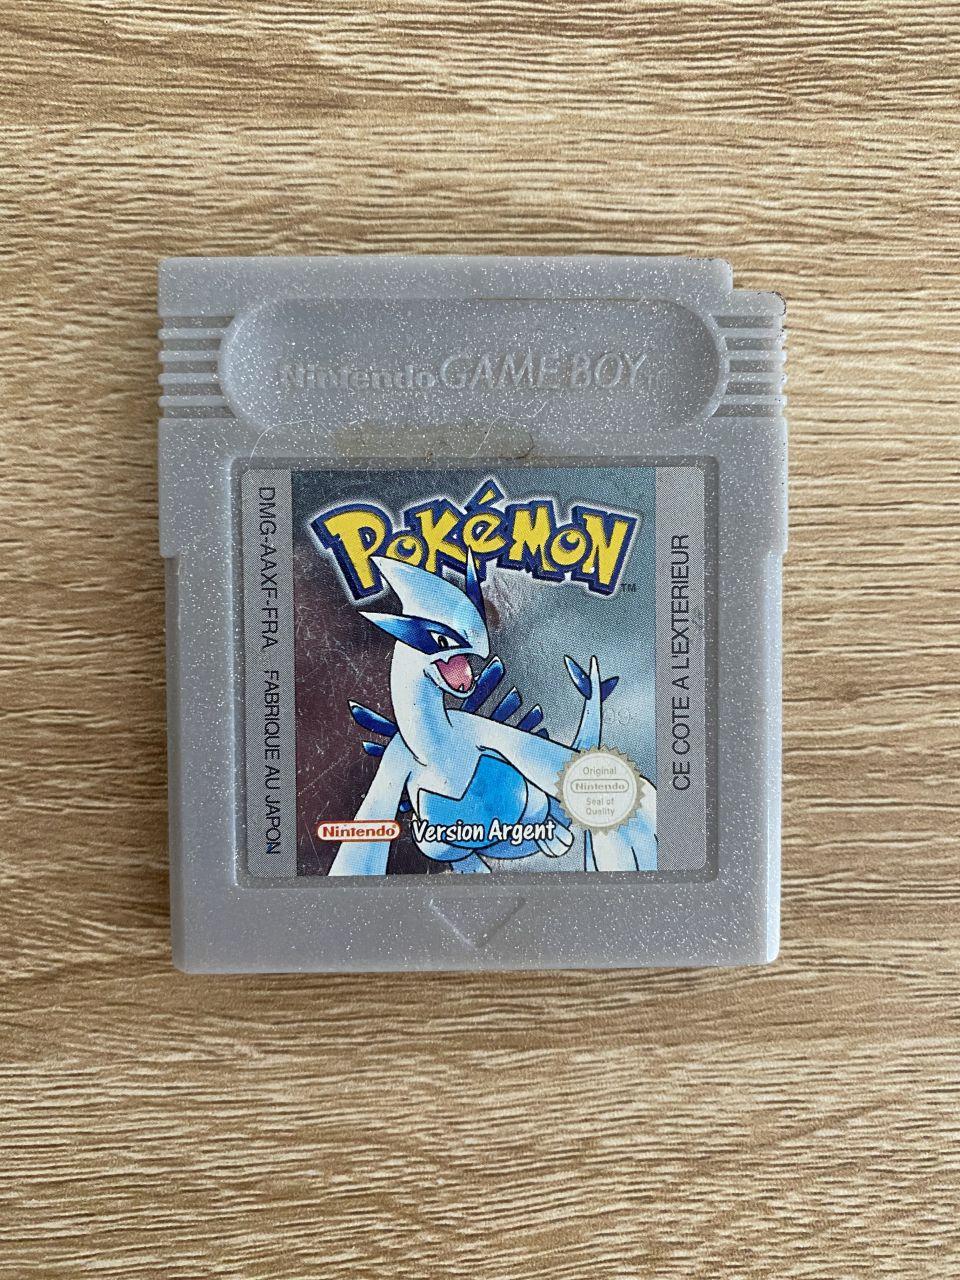 Image article Pokémon Version Argent (FR)